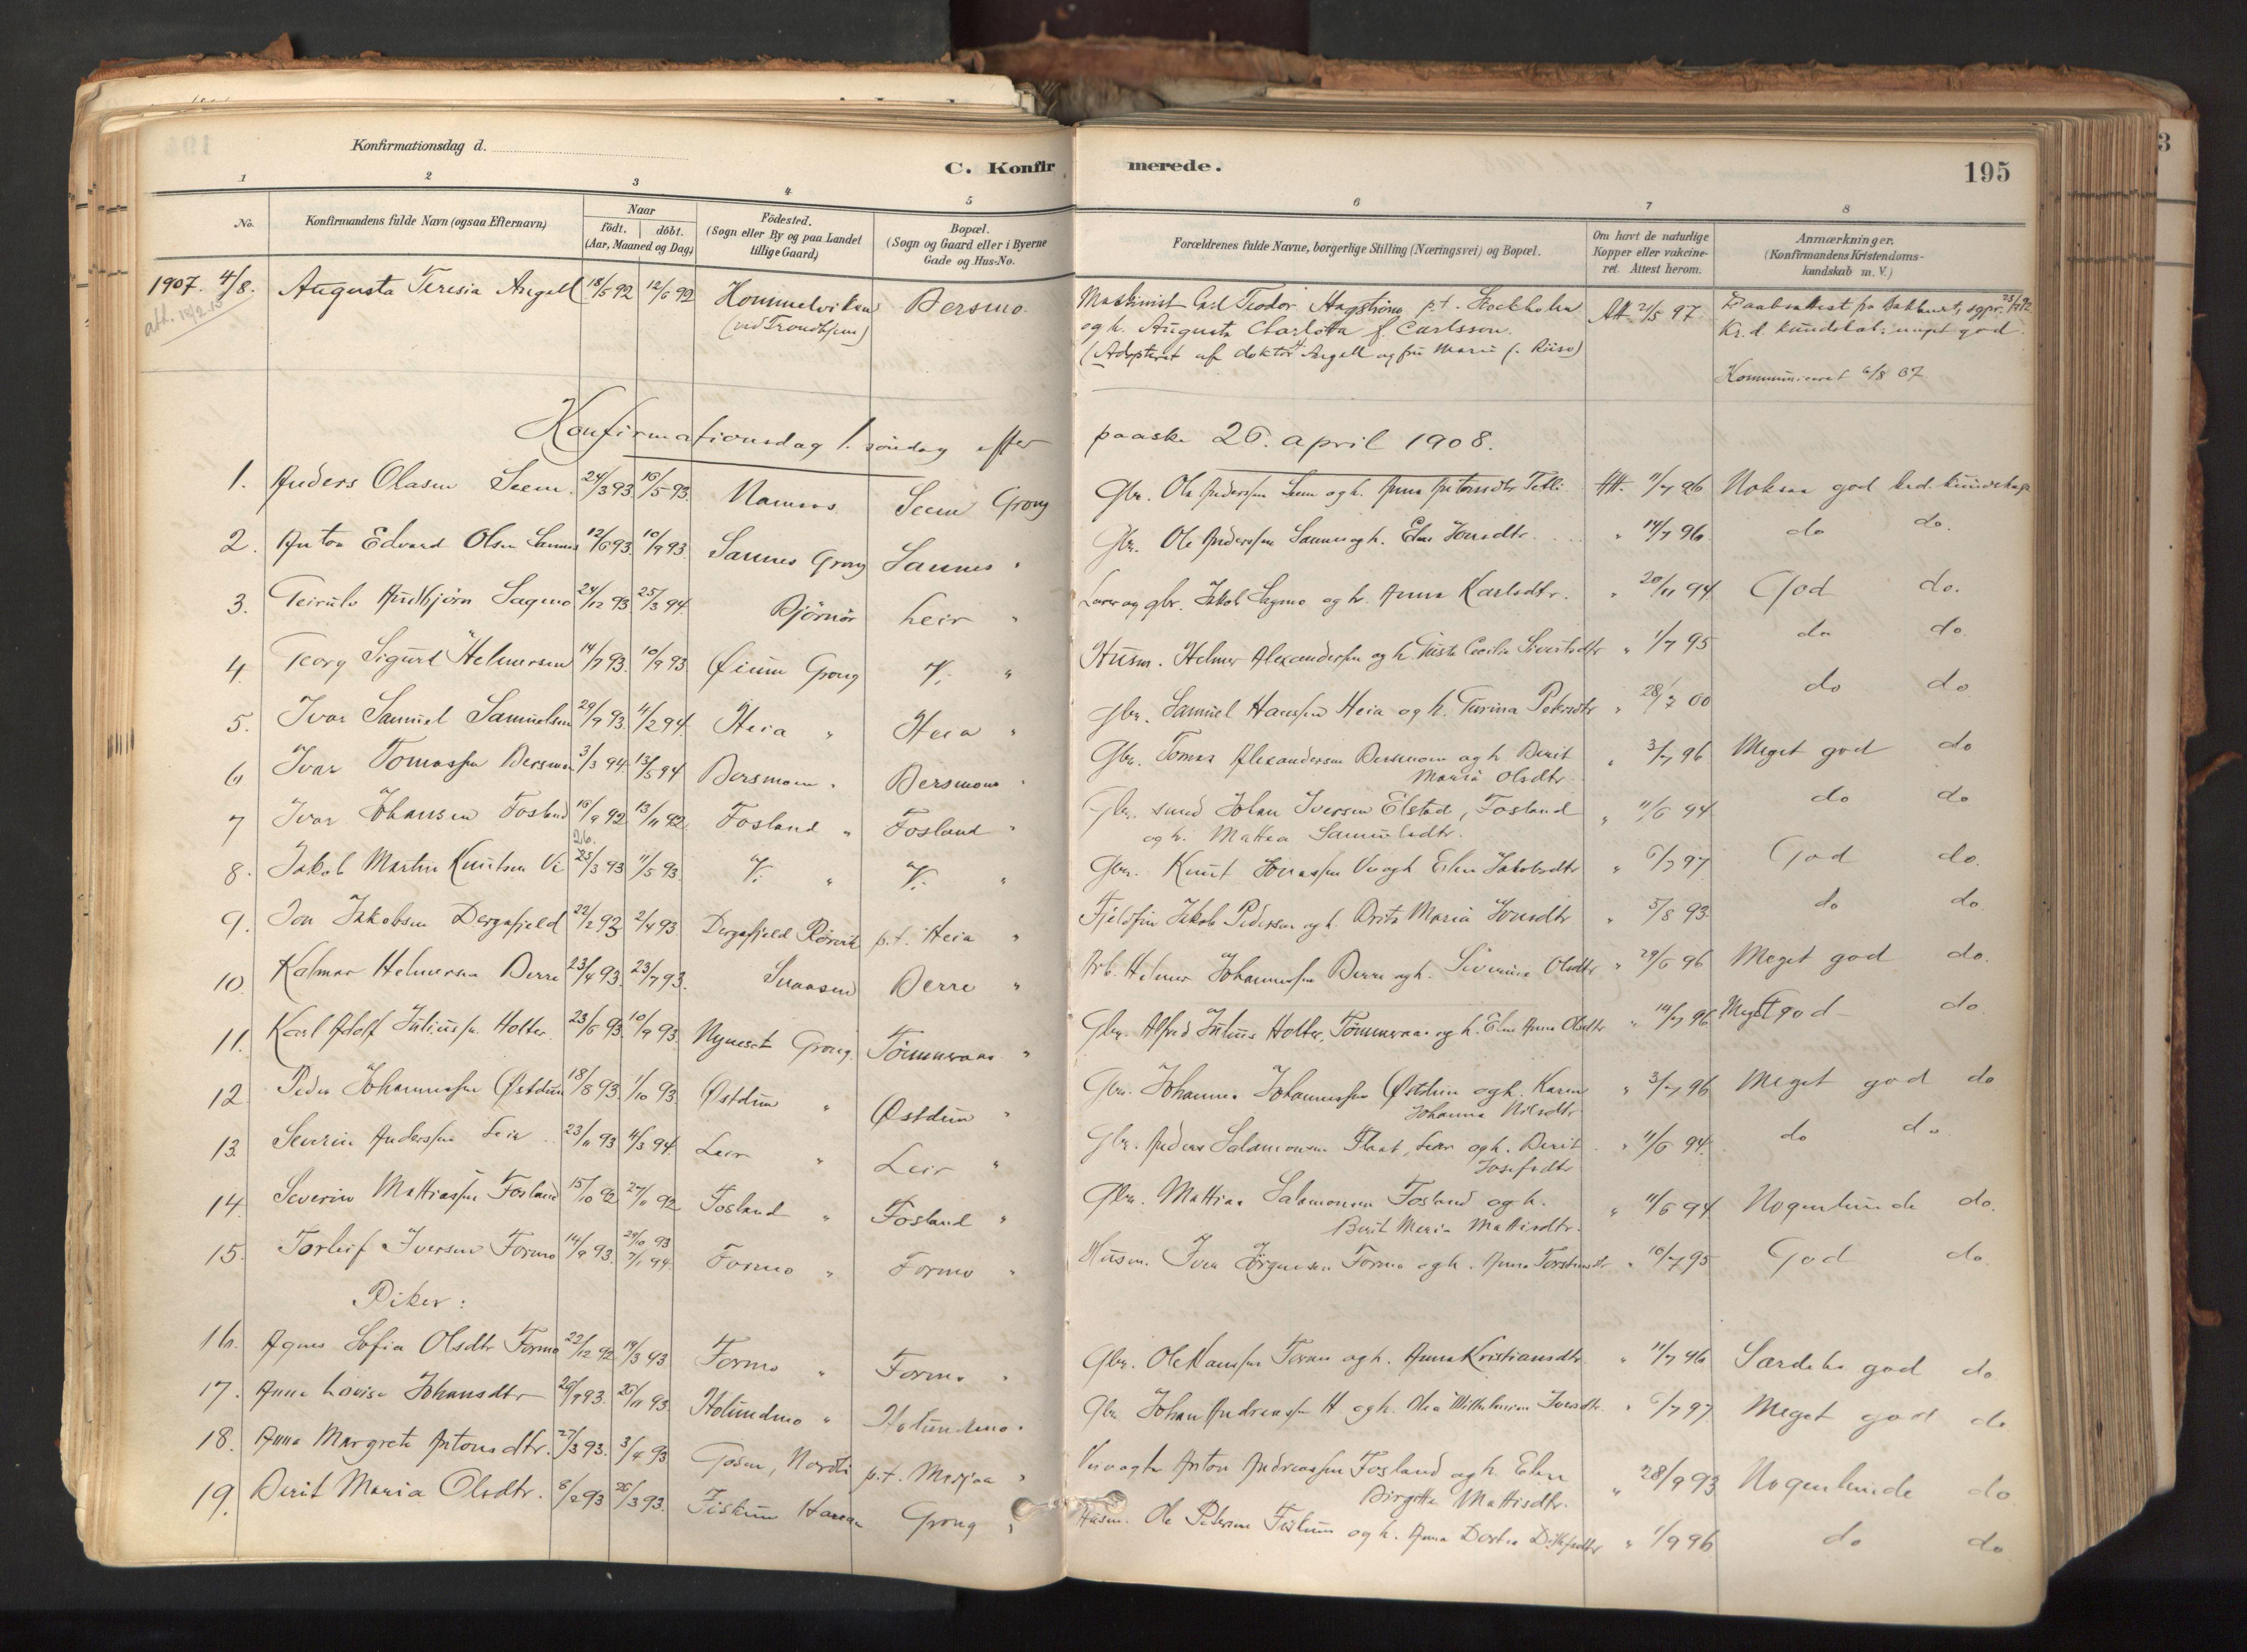 SAT, Ministerialprotokoller, klokkerbøker og fødselsregistre - Nord-Trøndelag, 758/L0519: Ministerialbok nr. 758A04, 1880-1926, s. 195